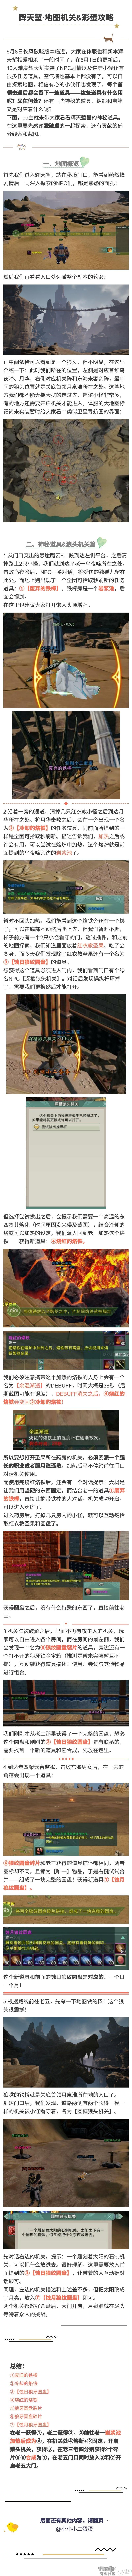 辉天堑彩蛋1.jpg